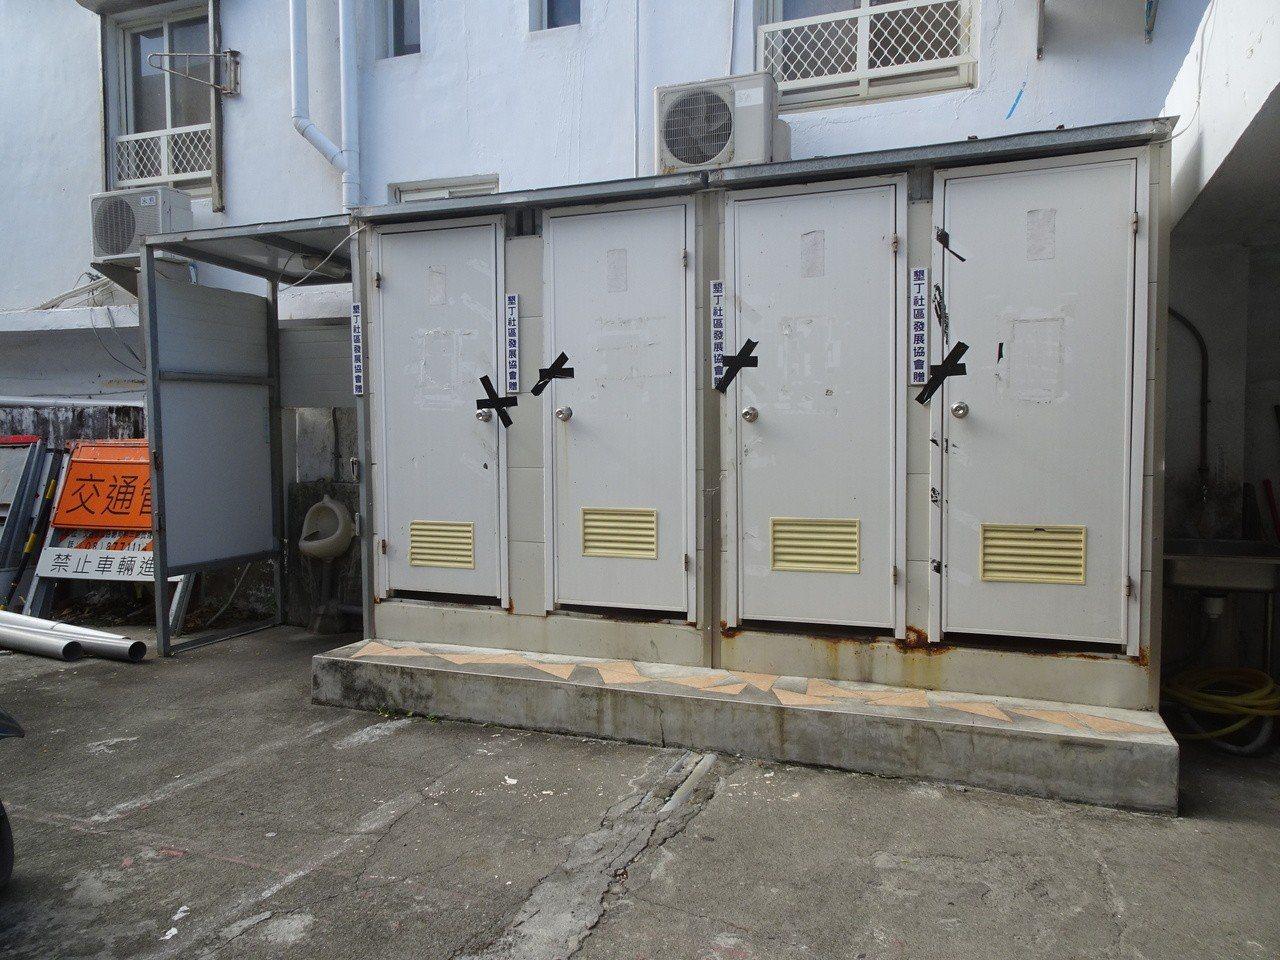 墾丁派出所今天封住室外簡易臨時廁所並擇日拆除,終於卸下「借廁所」的為民服務工作。...